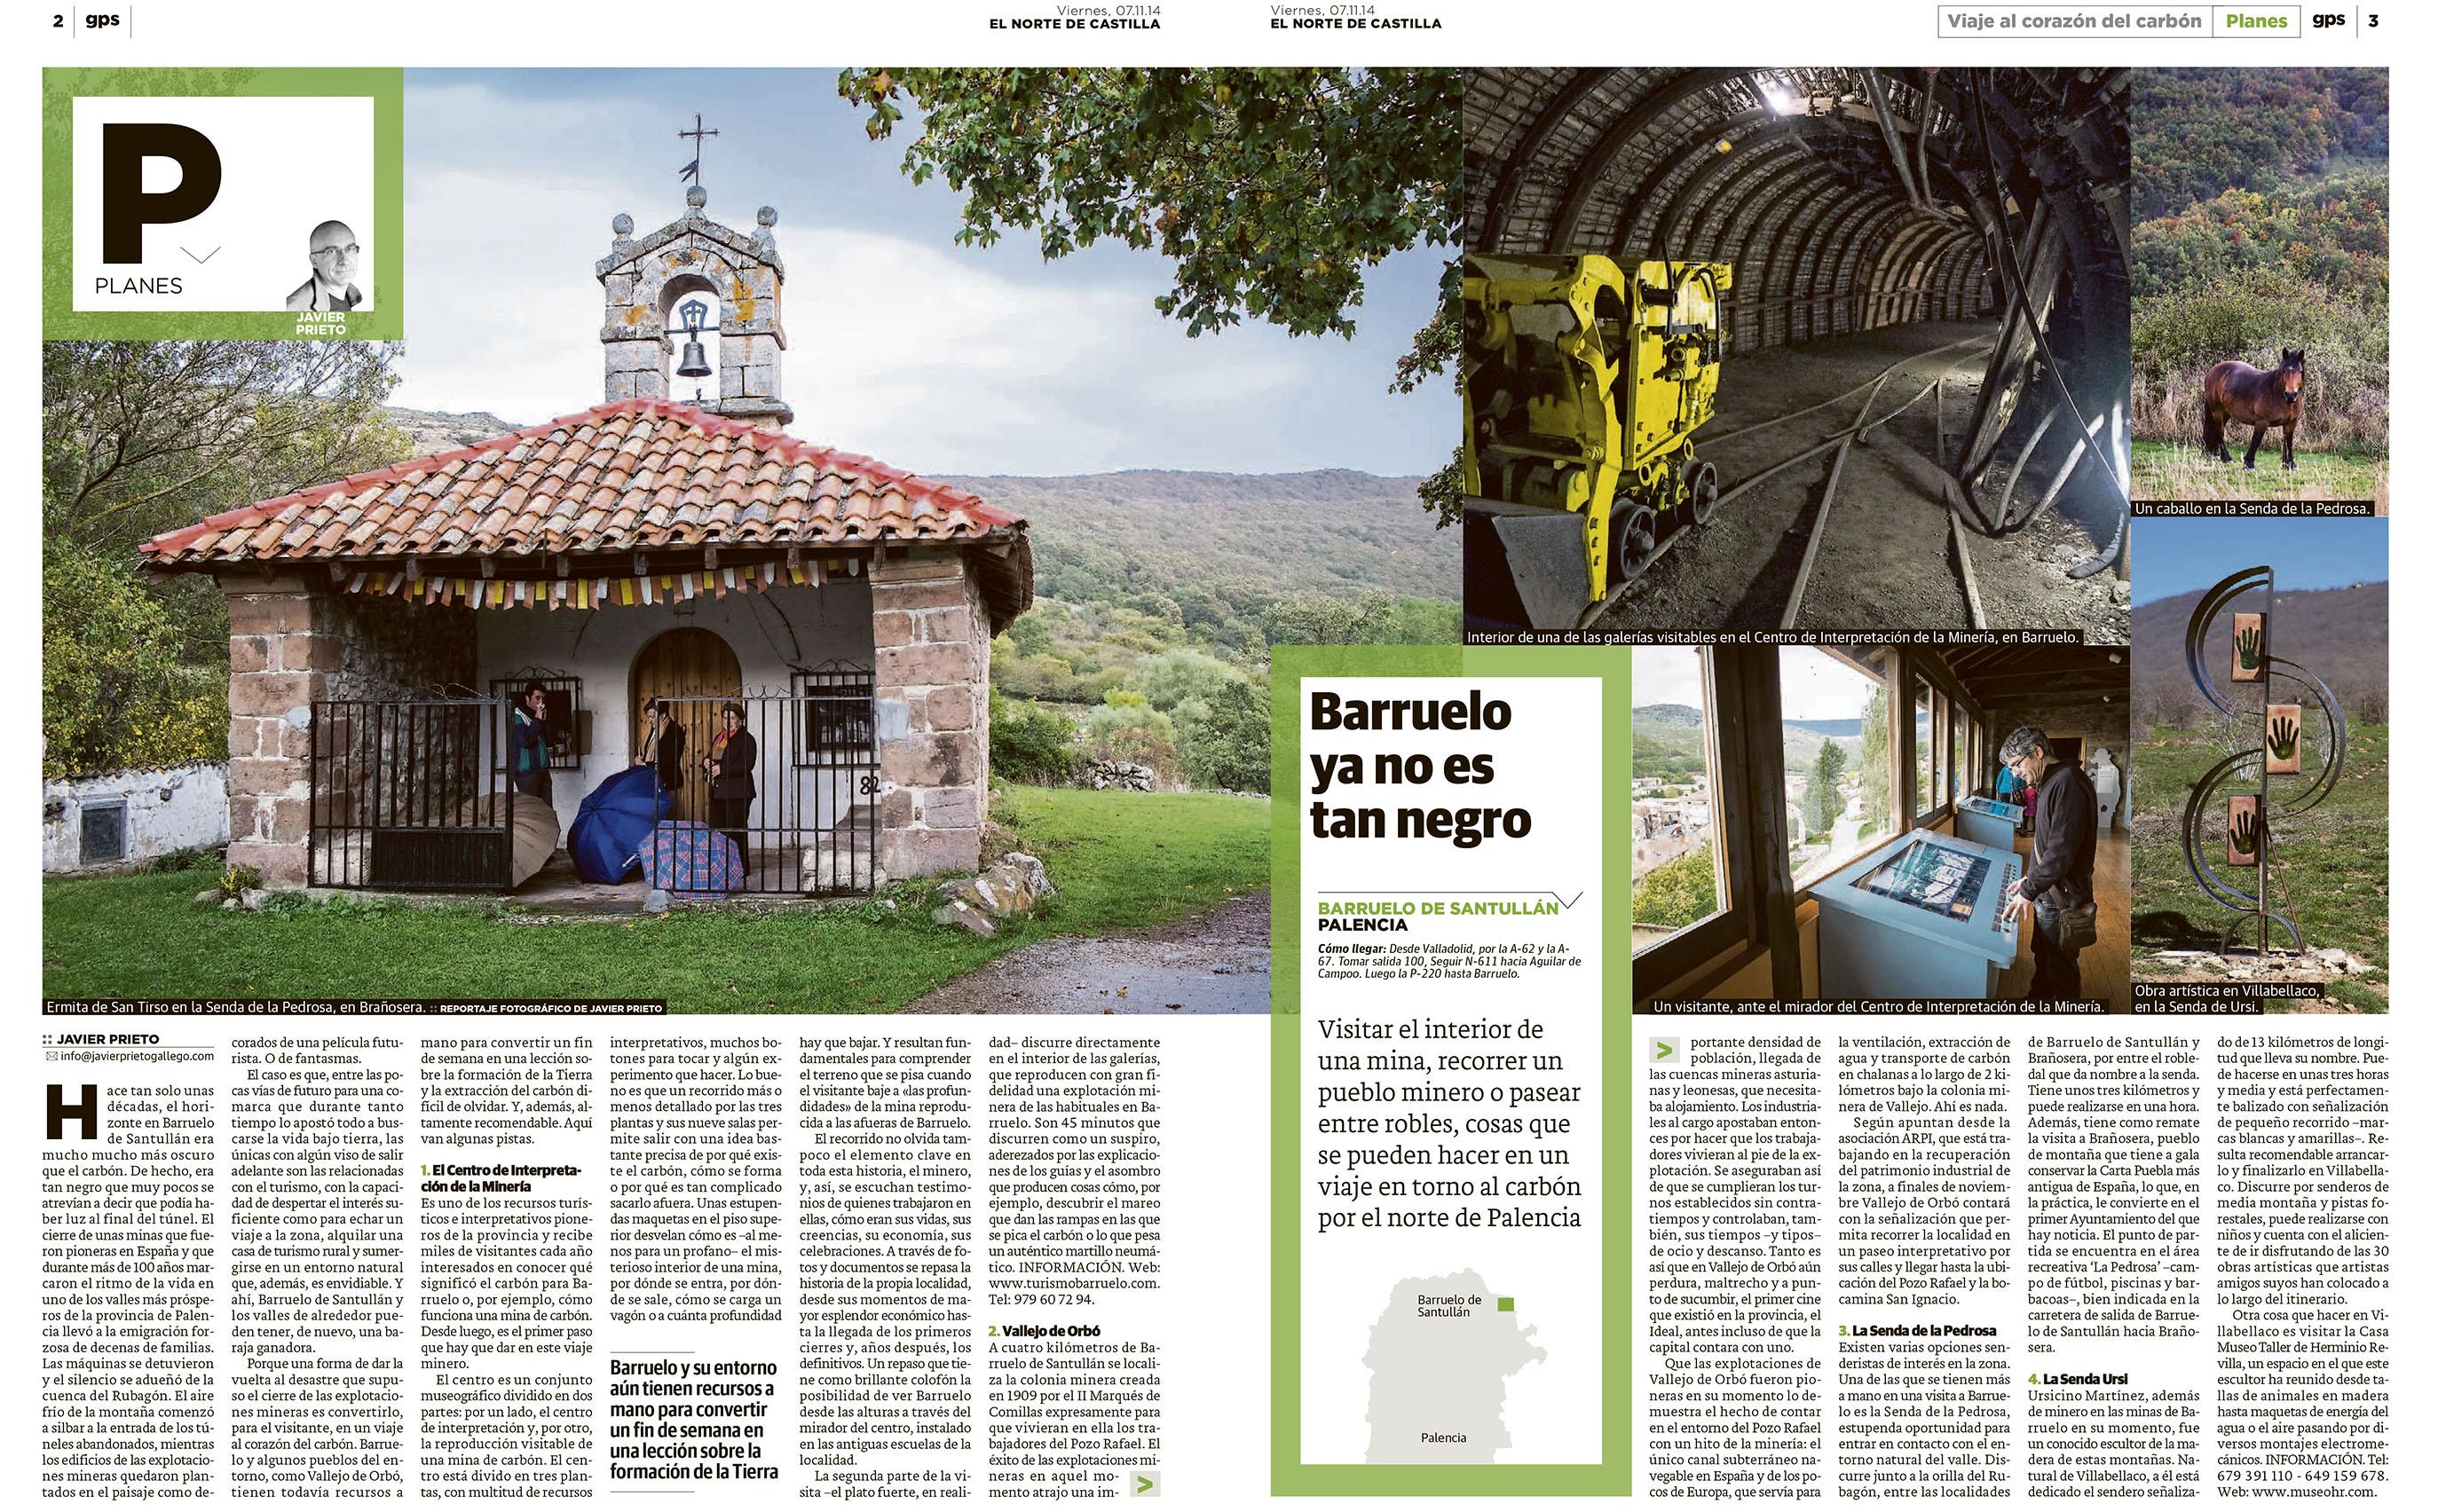 Visita minera a Barruelo de Santillán (Palencia). Reportaje publicado por Javier Prieto Gallego.